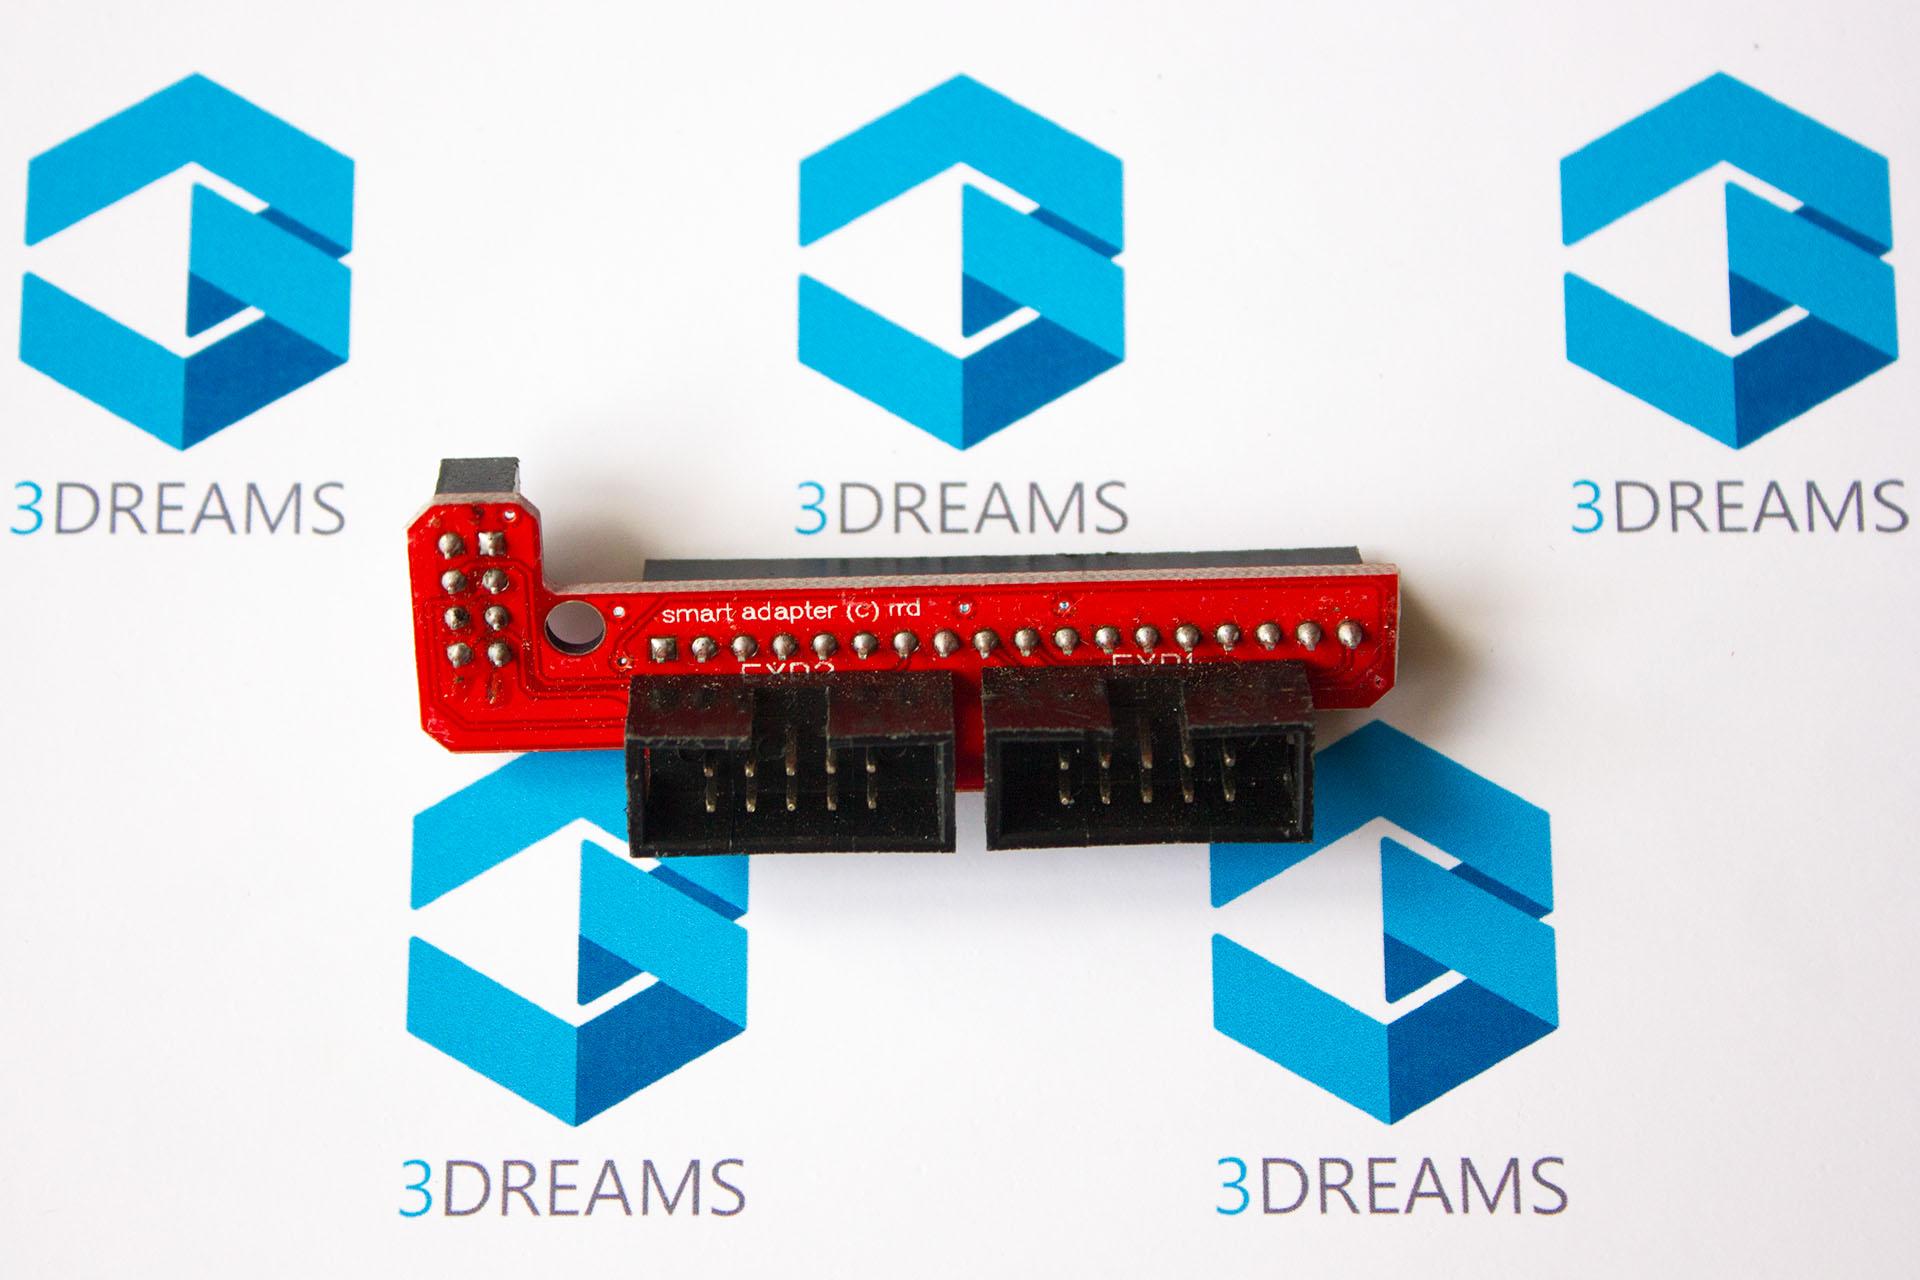 Разъем (адаптер) подключения Ramps 1.4 для 3D принтера купить украина